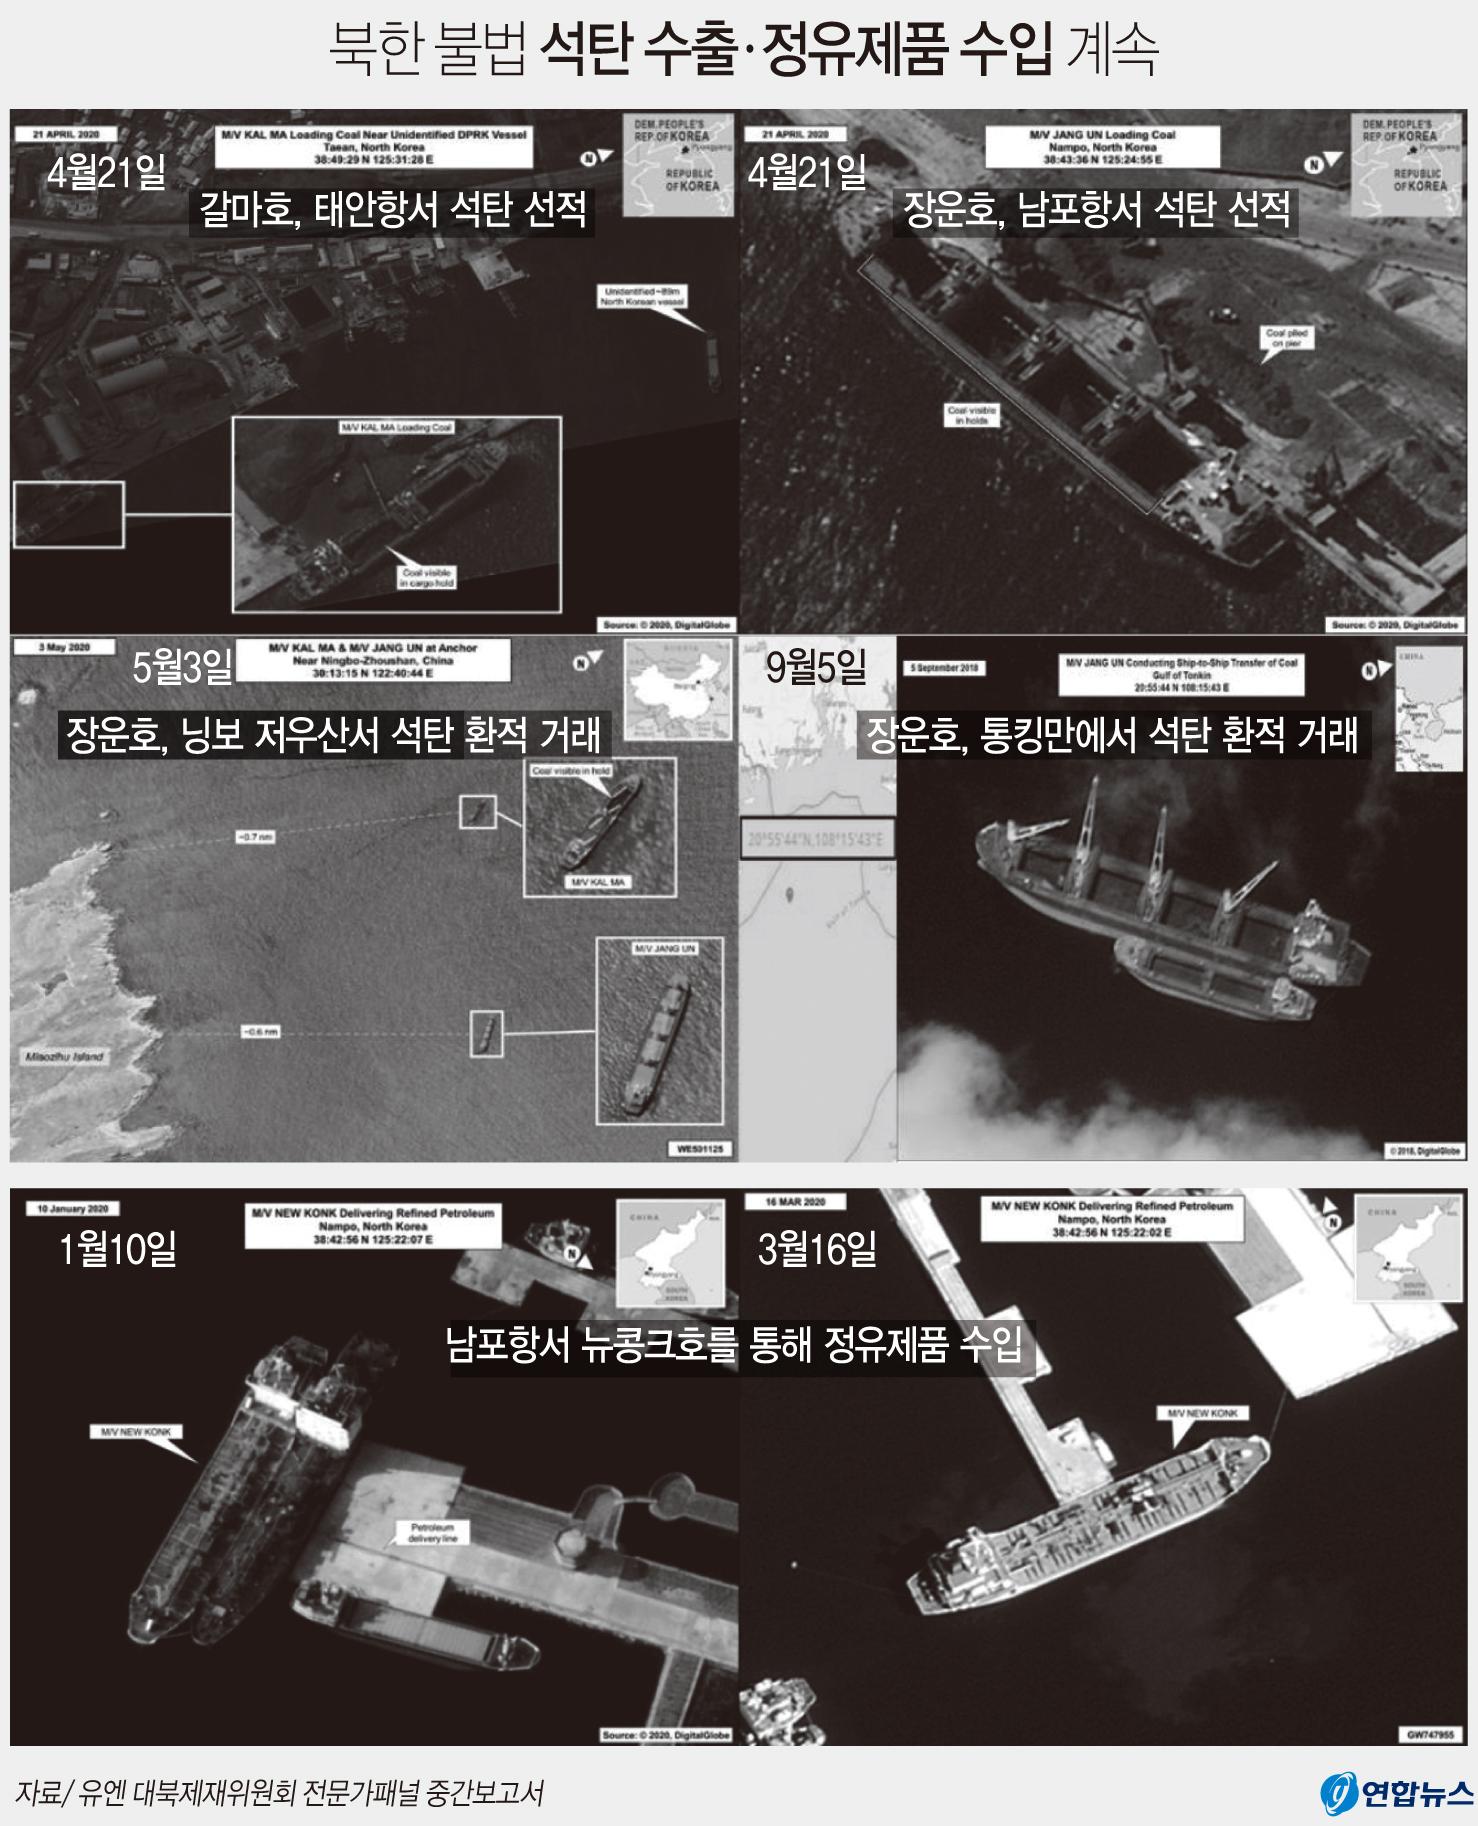 유엔 안전보장이사회 산하 대북제재위원회의 전문가패널 중간보고서는 북한의 제재 회피 실태와 수법을 담았다. 연합뉴스